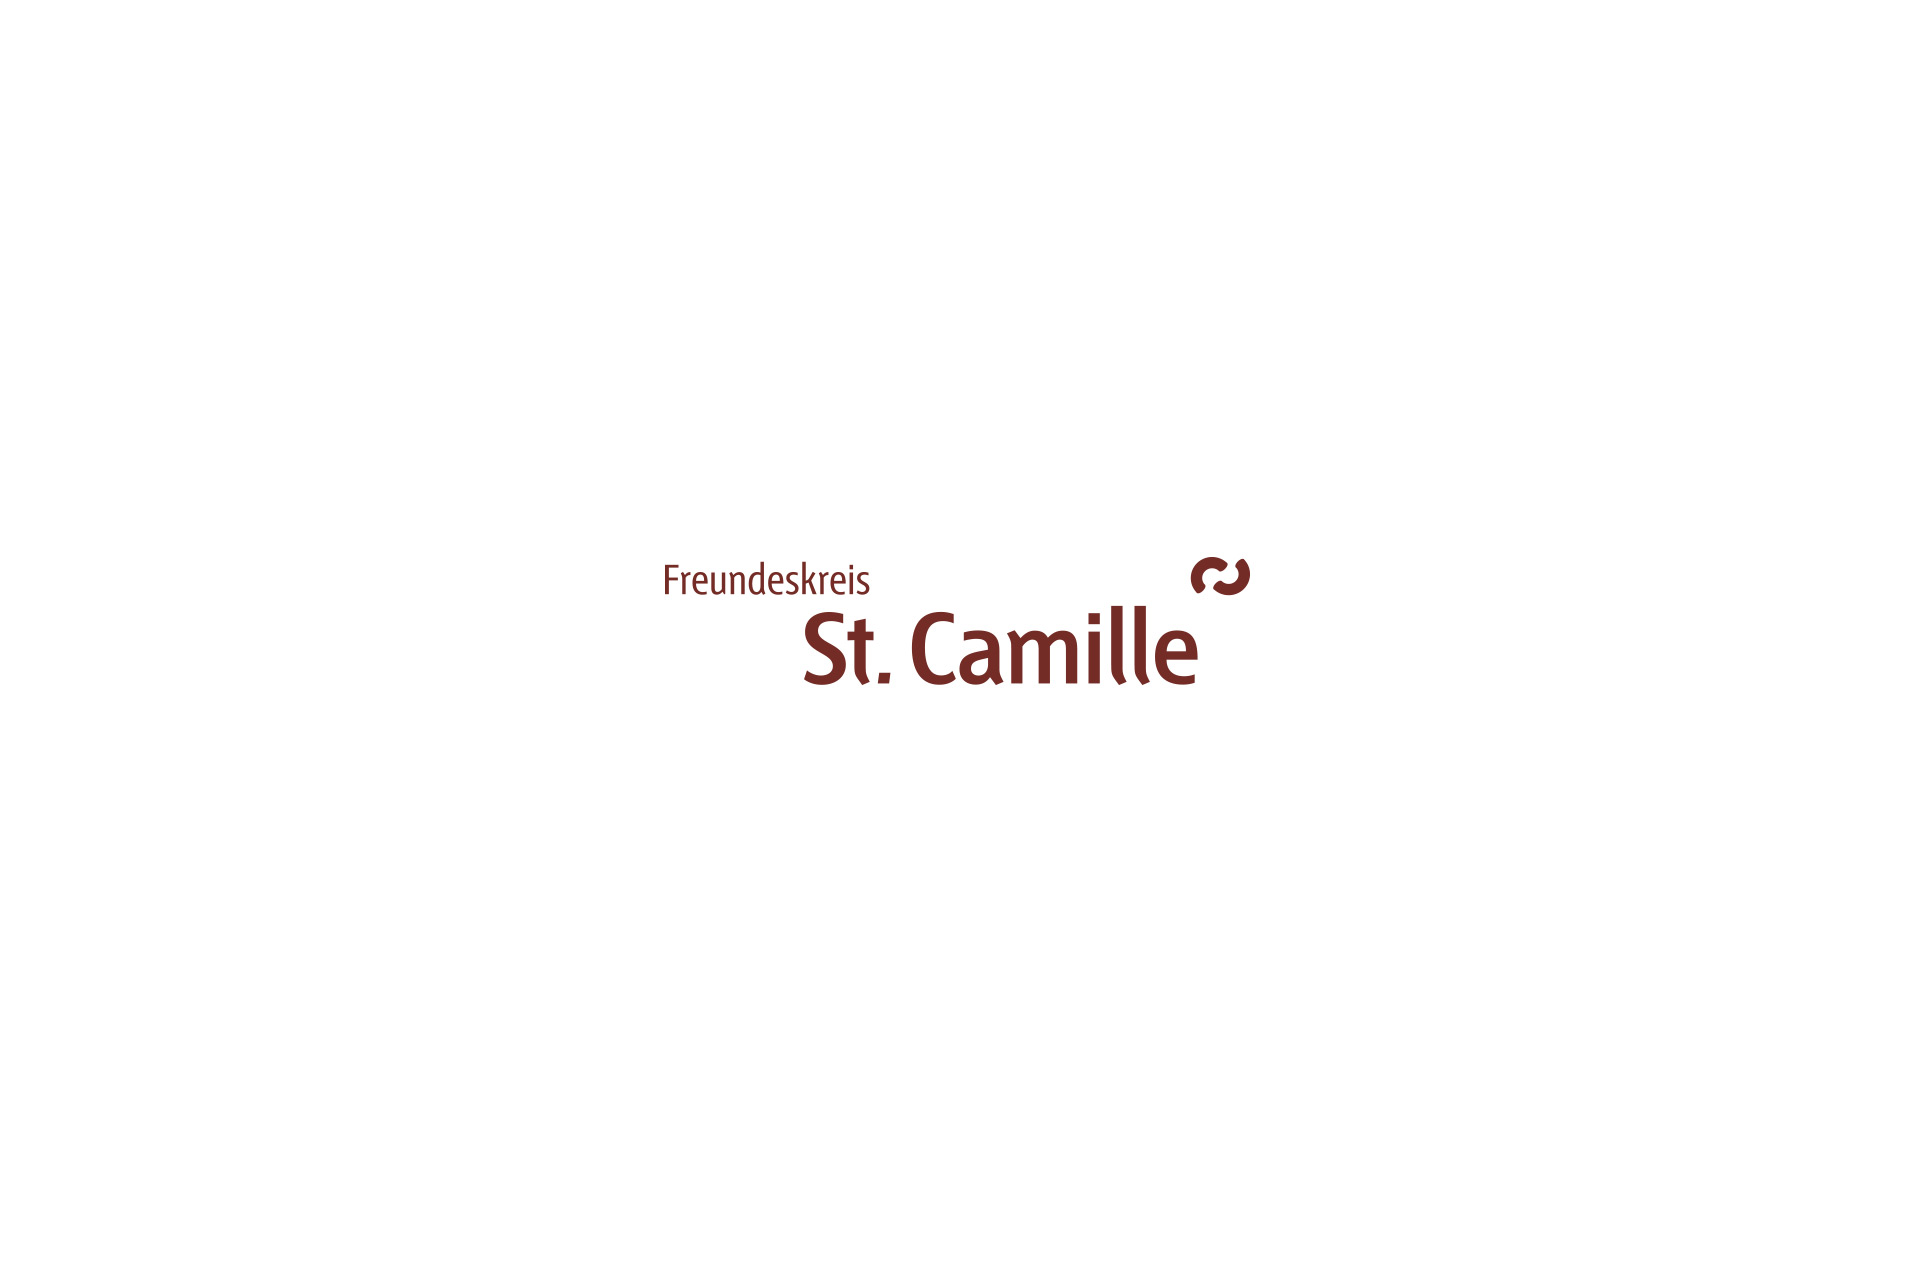 Freundeskreis St. Camille